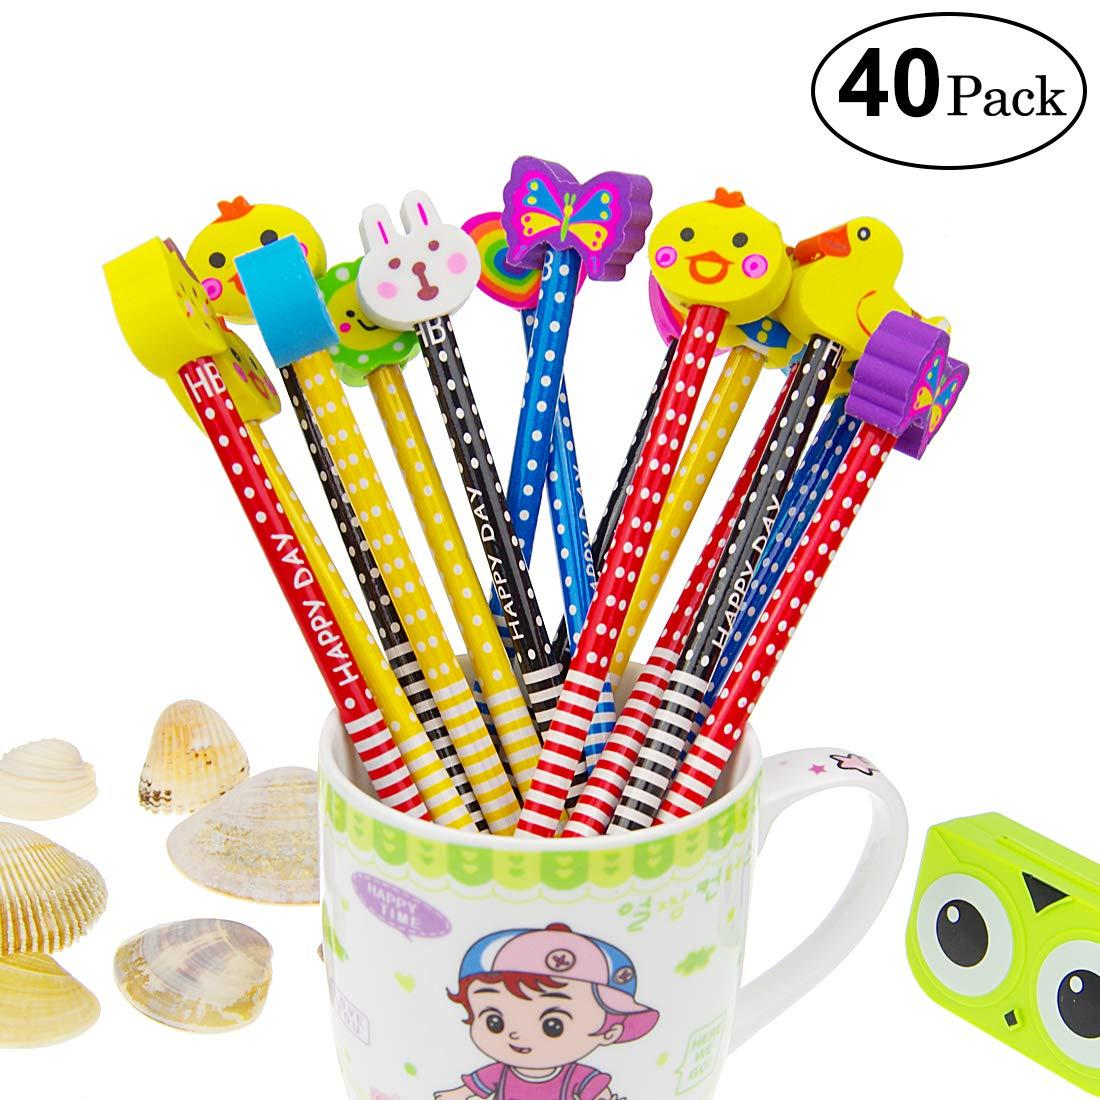 Yolistar Conjunto de lápiz de Dibujos Animados, 40 Piezas de lápiz de Madera con lápices de Color Grafito de Goma